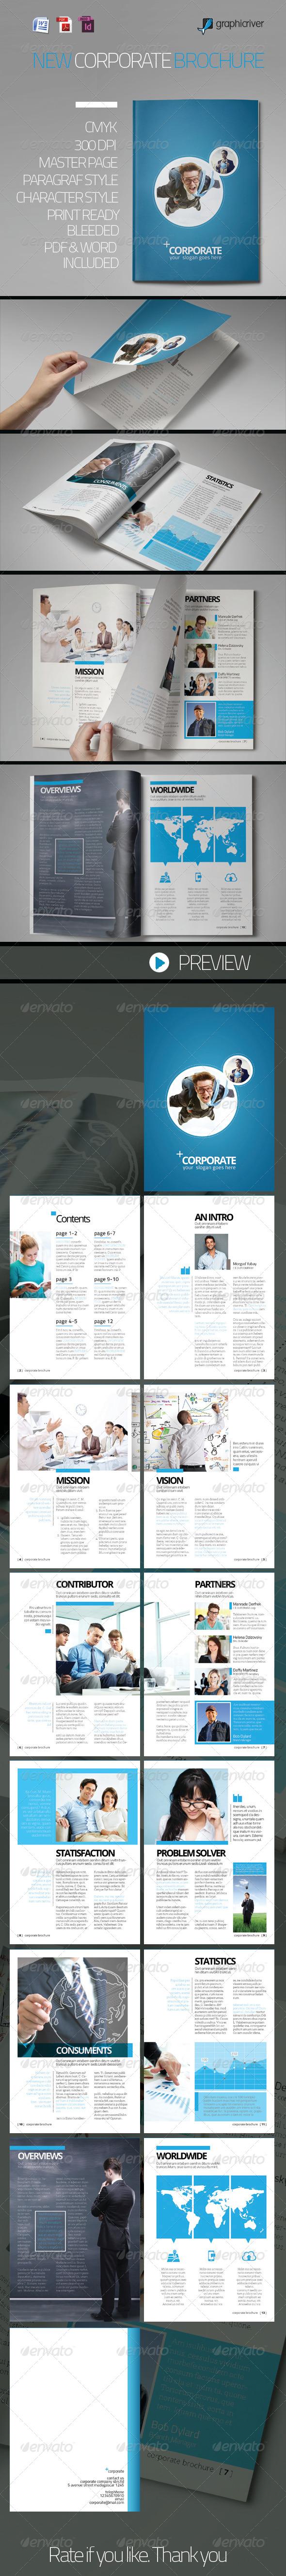 GraphicRiver New Corporate Brochure 6720688